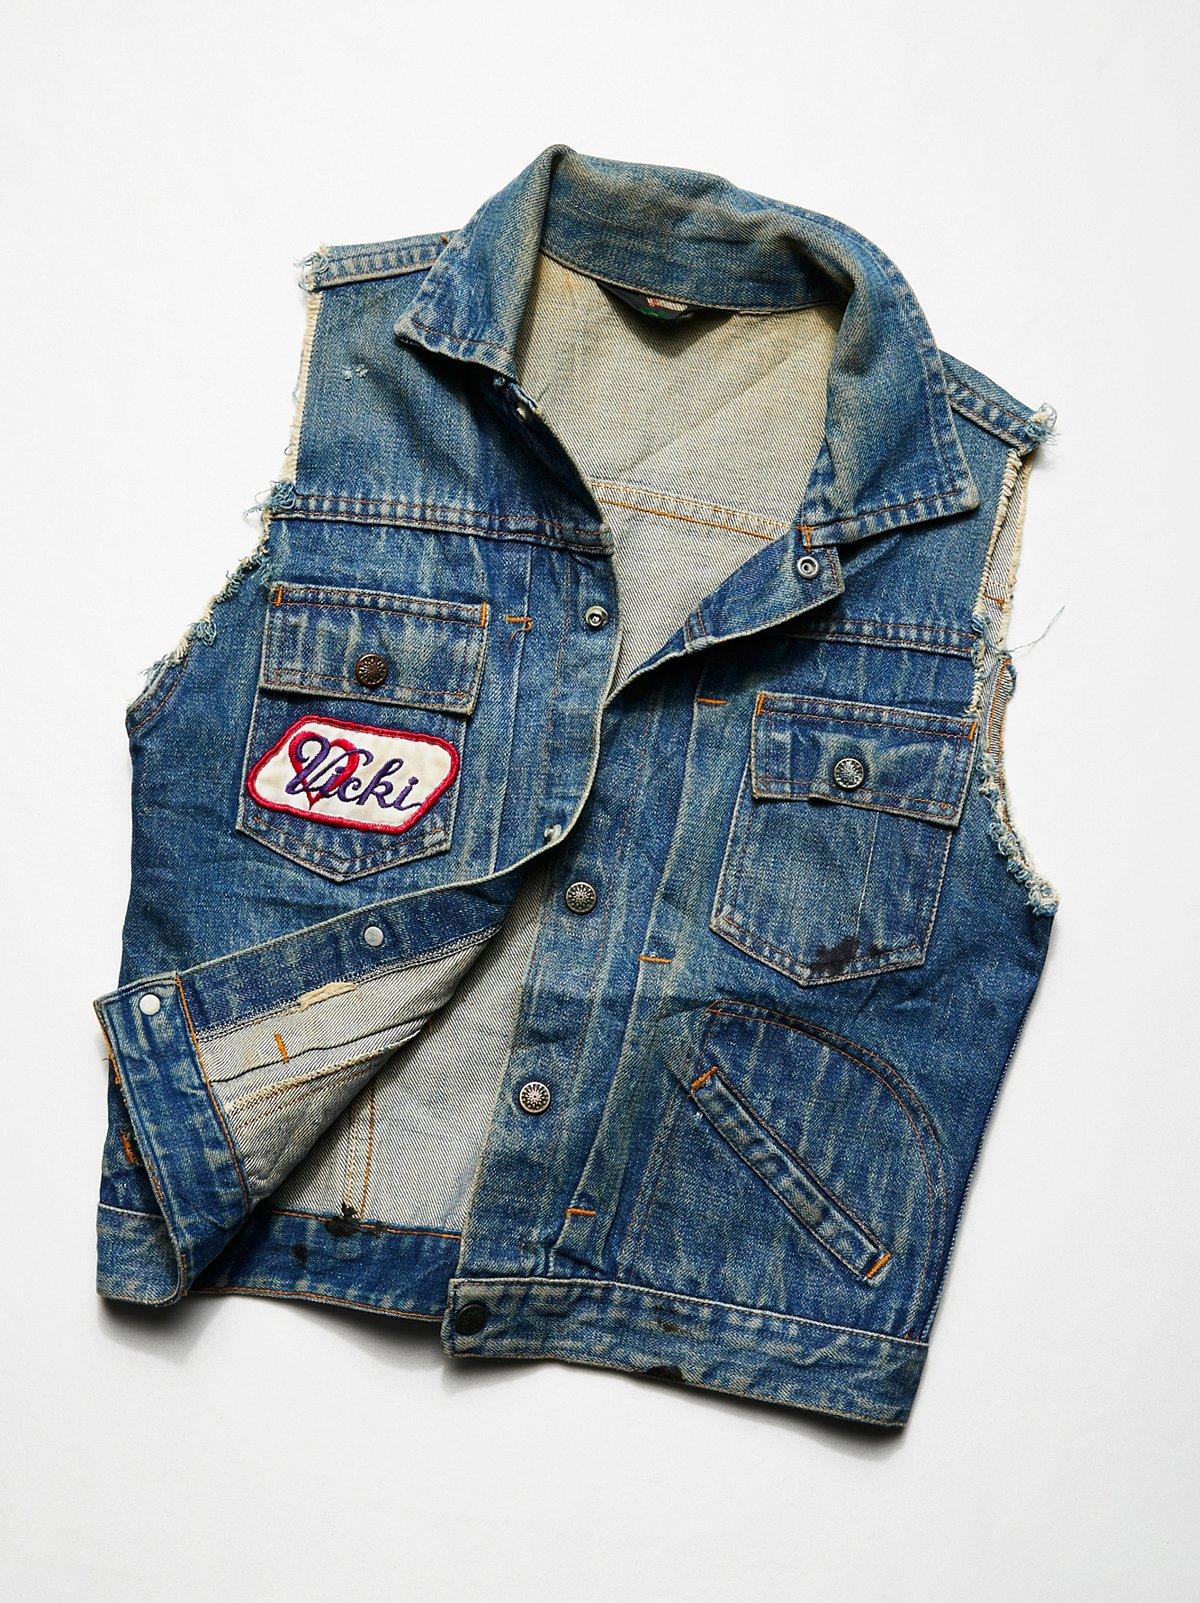 Vintage 1980s Denim Vest